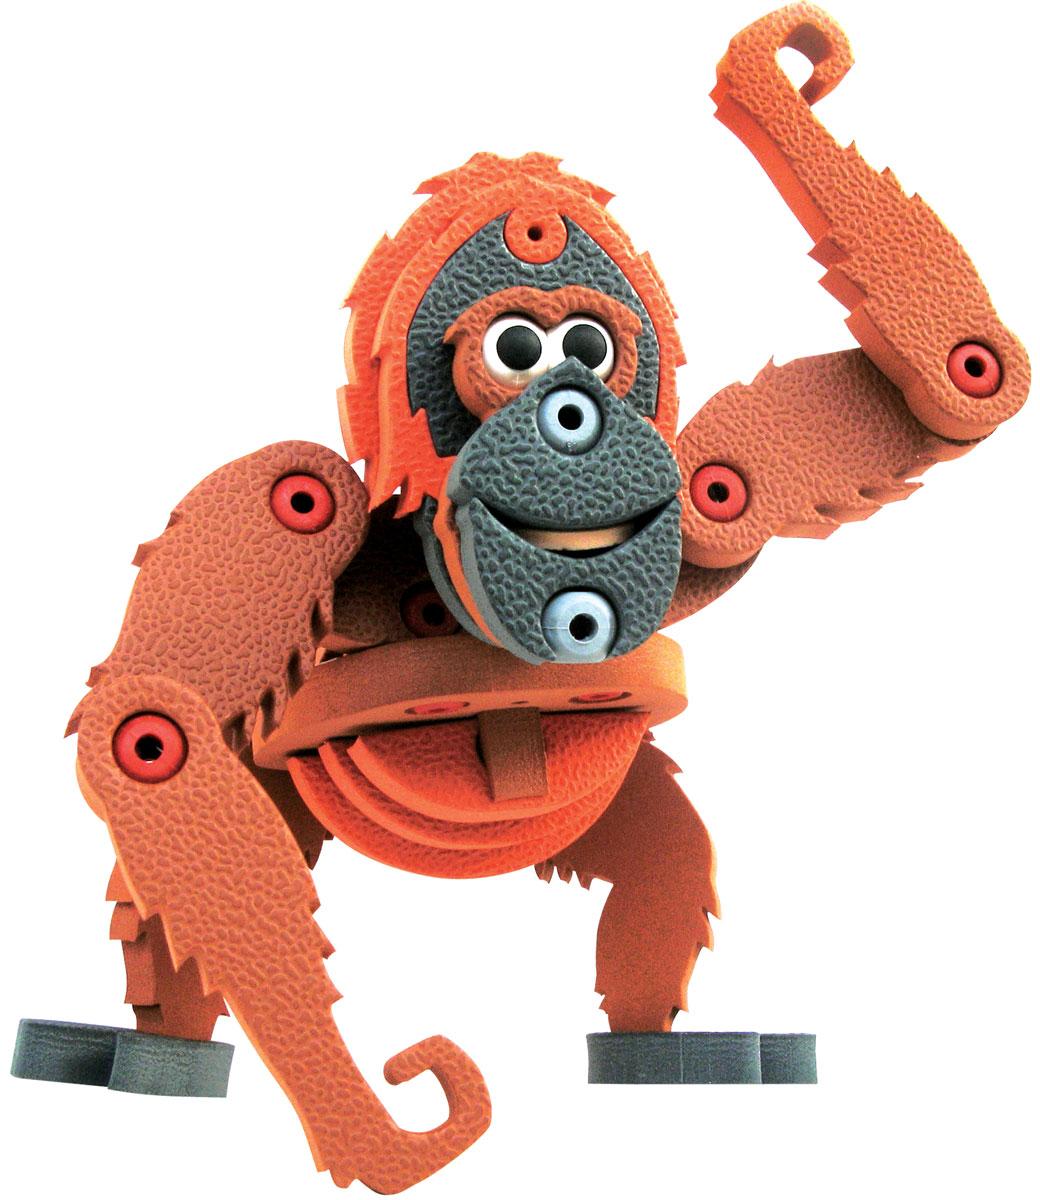 Bebelot 3D мягкий конструктор ОрангутангBEB0706-001Мягкий 3D конструктор Bebelot поможет вашему малышу собрать фигурку тигра, который будет так похож на настоящего! Во время игры у ребёнка развивается мелкая моторика, усидчивость, внимание и память. Конструктор изготовлен из экологически чистого и безопасного материала EVA